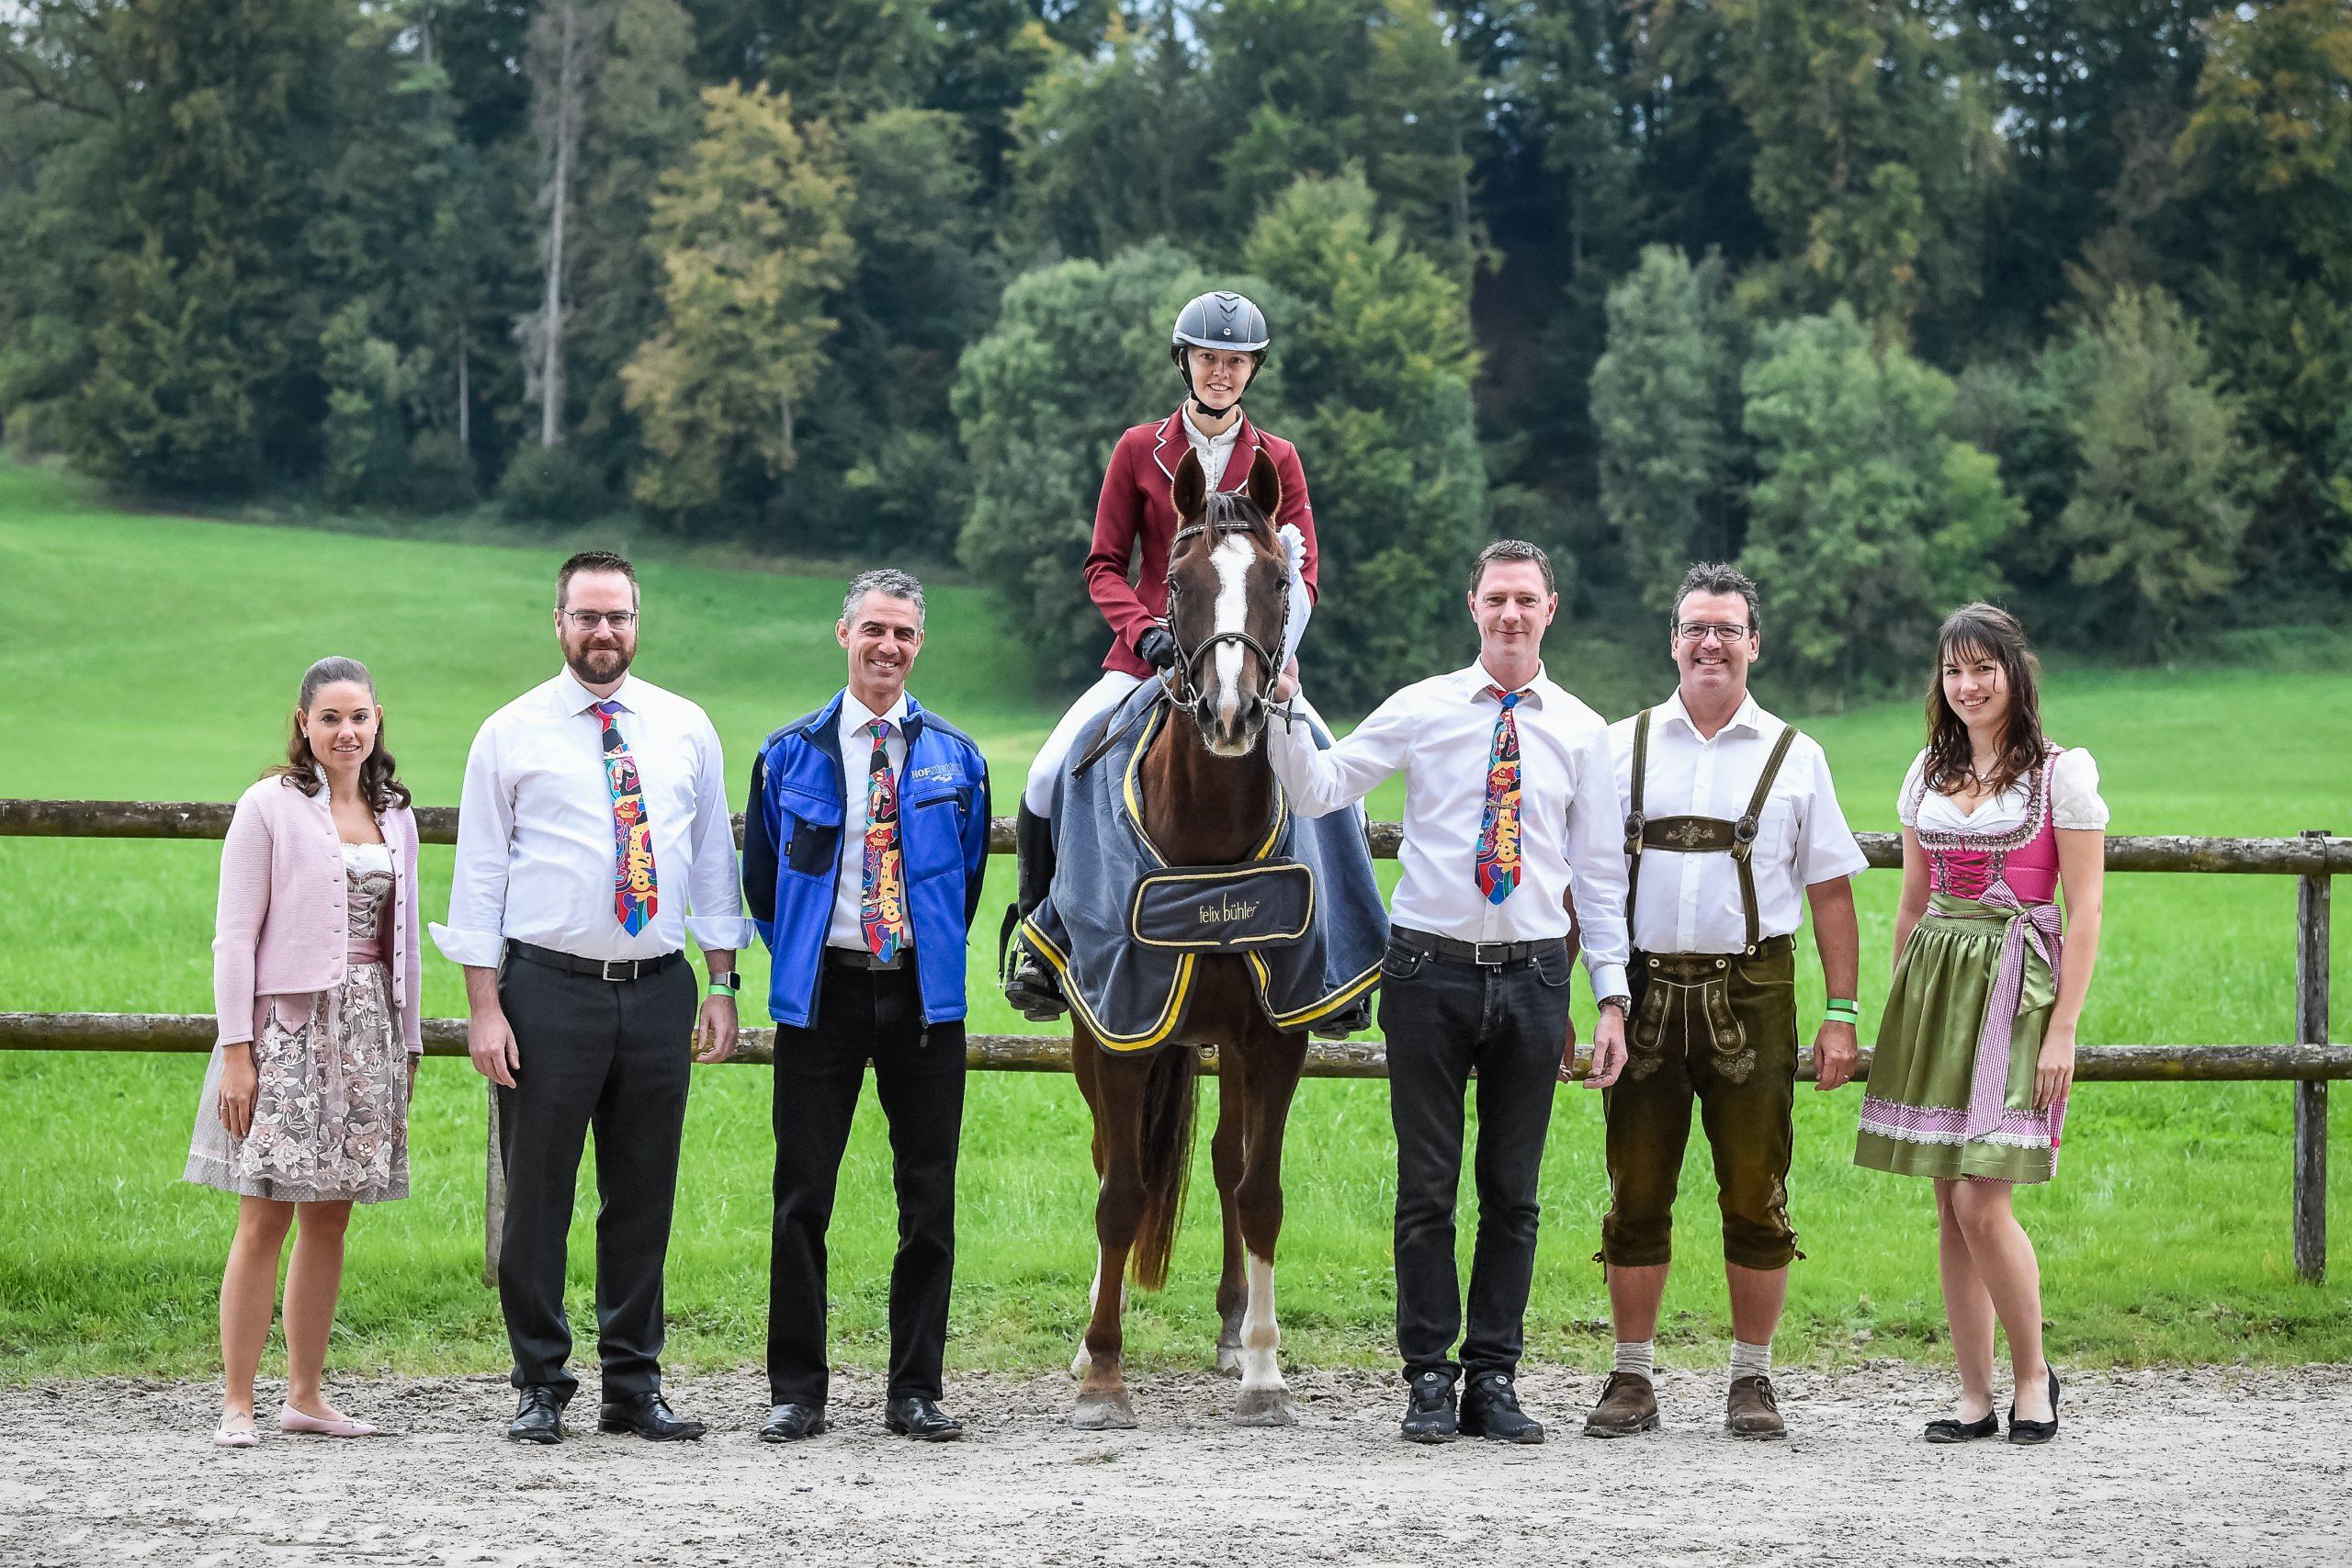 Siegerfoto_Concours_Rüti_RN105_Sieger_Gnehm_Hofstetter Uznach GmbH_Umzüge Transporte_Foto_Stuppia